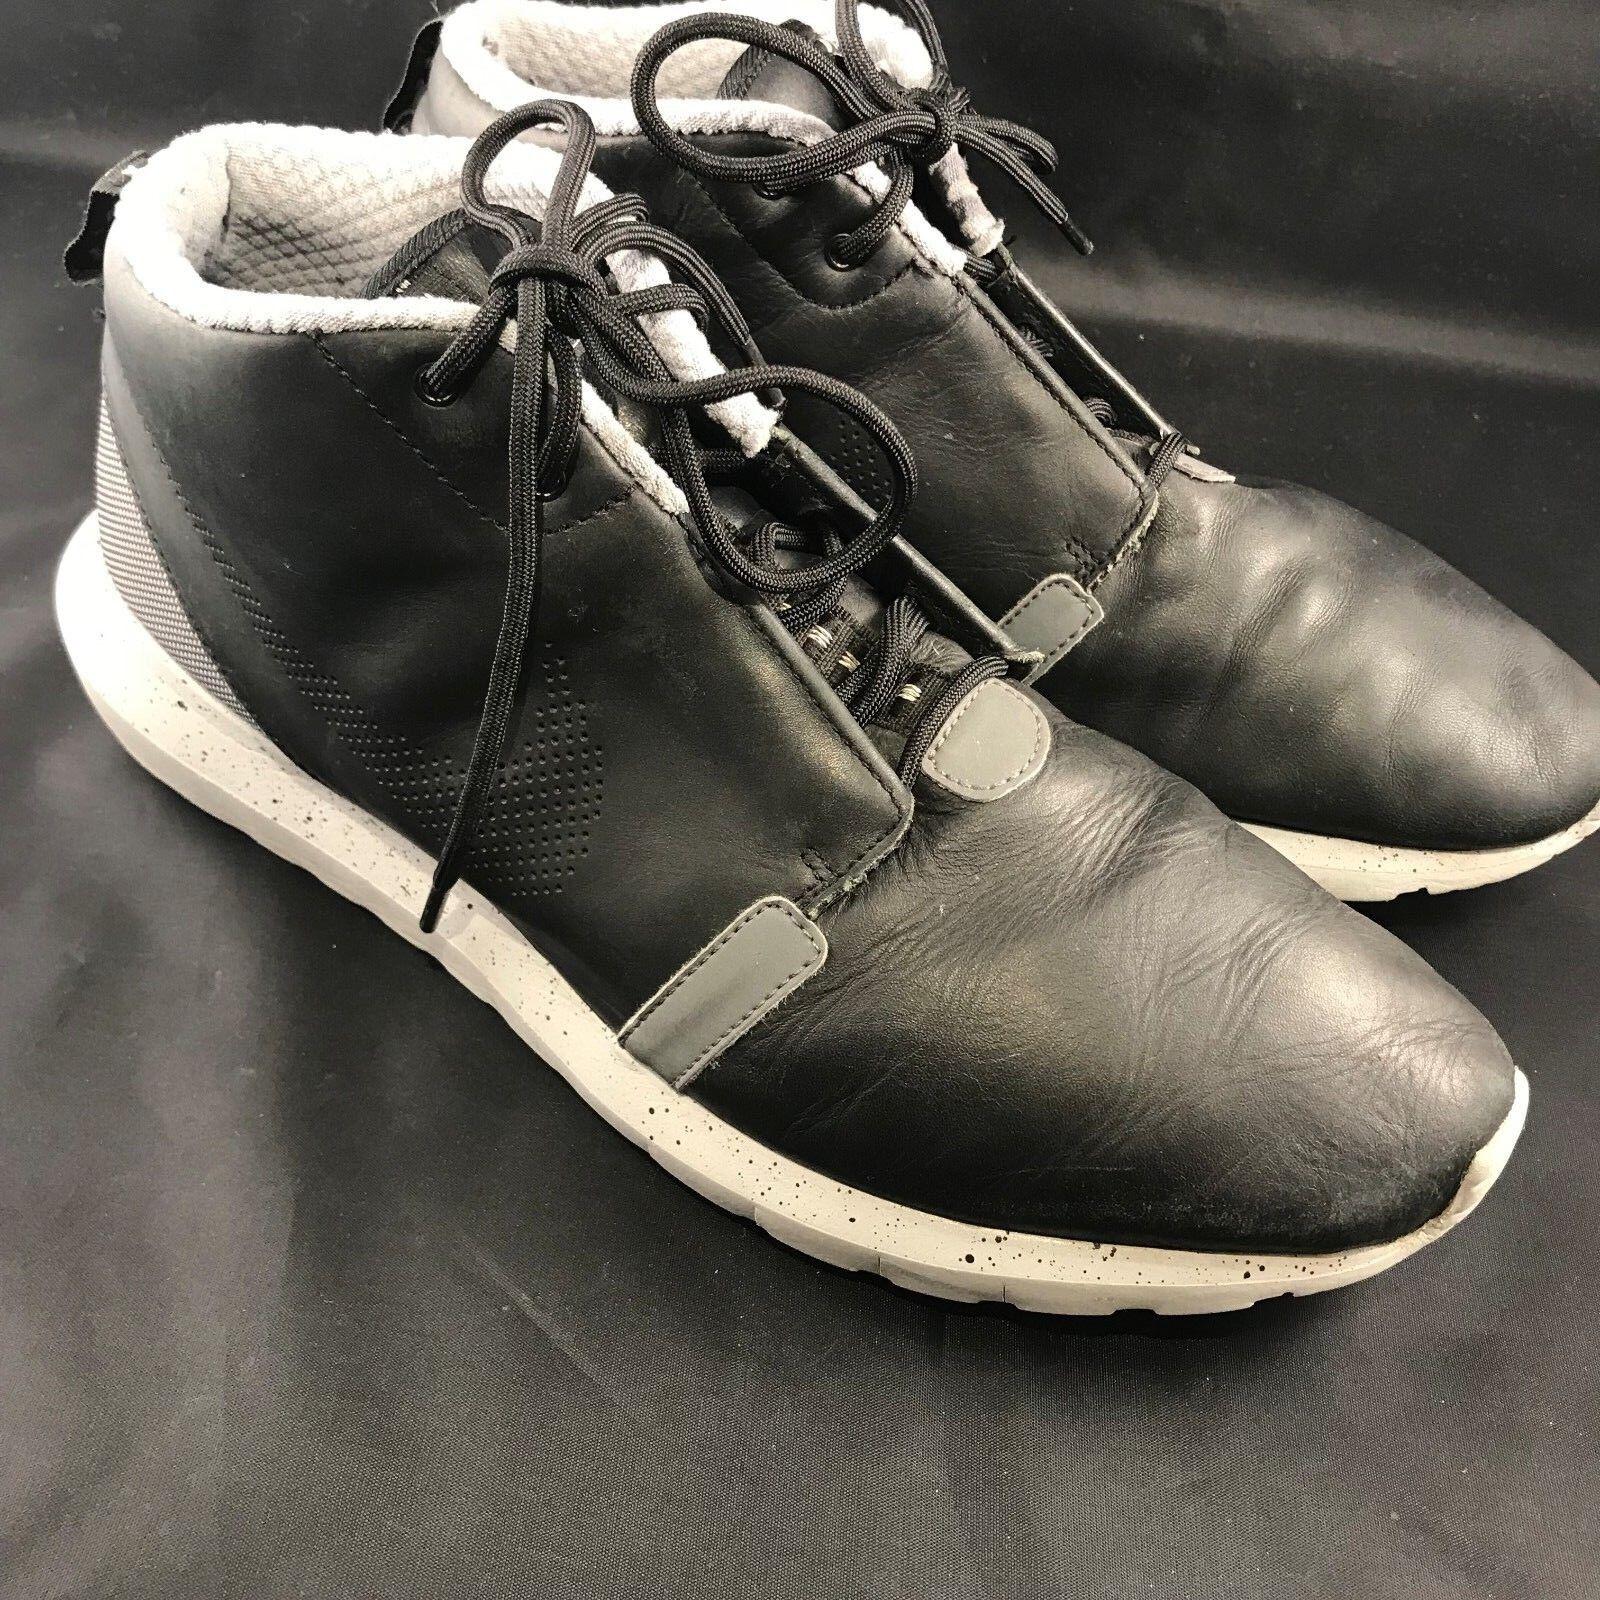 Seltene nike roshe nm lauf nm roshe sneakerboot 684704-001 männer sz 11,5 schwarz - grauen zement 18c8f8